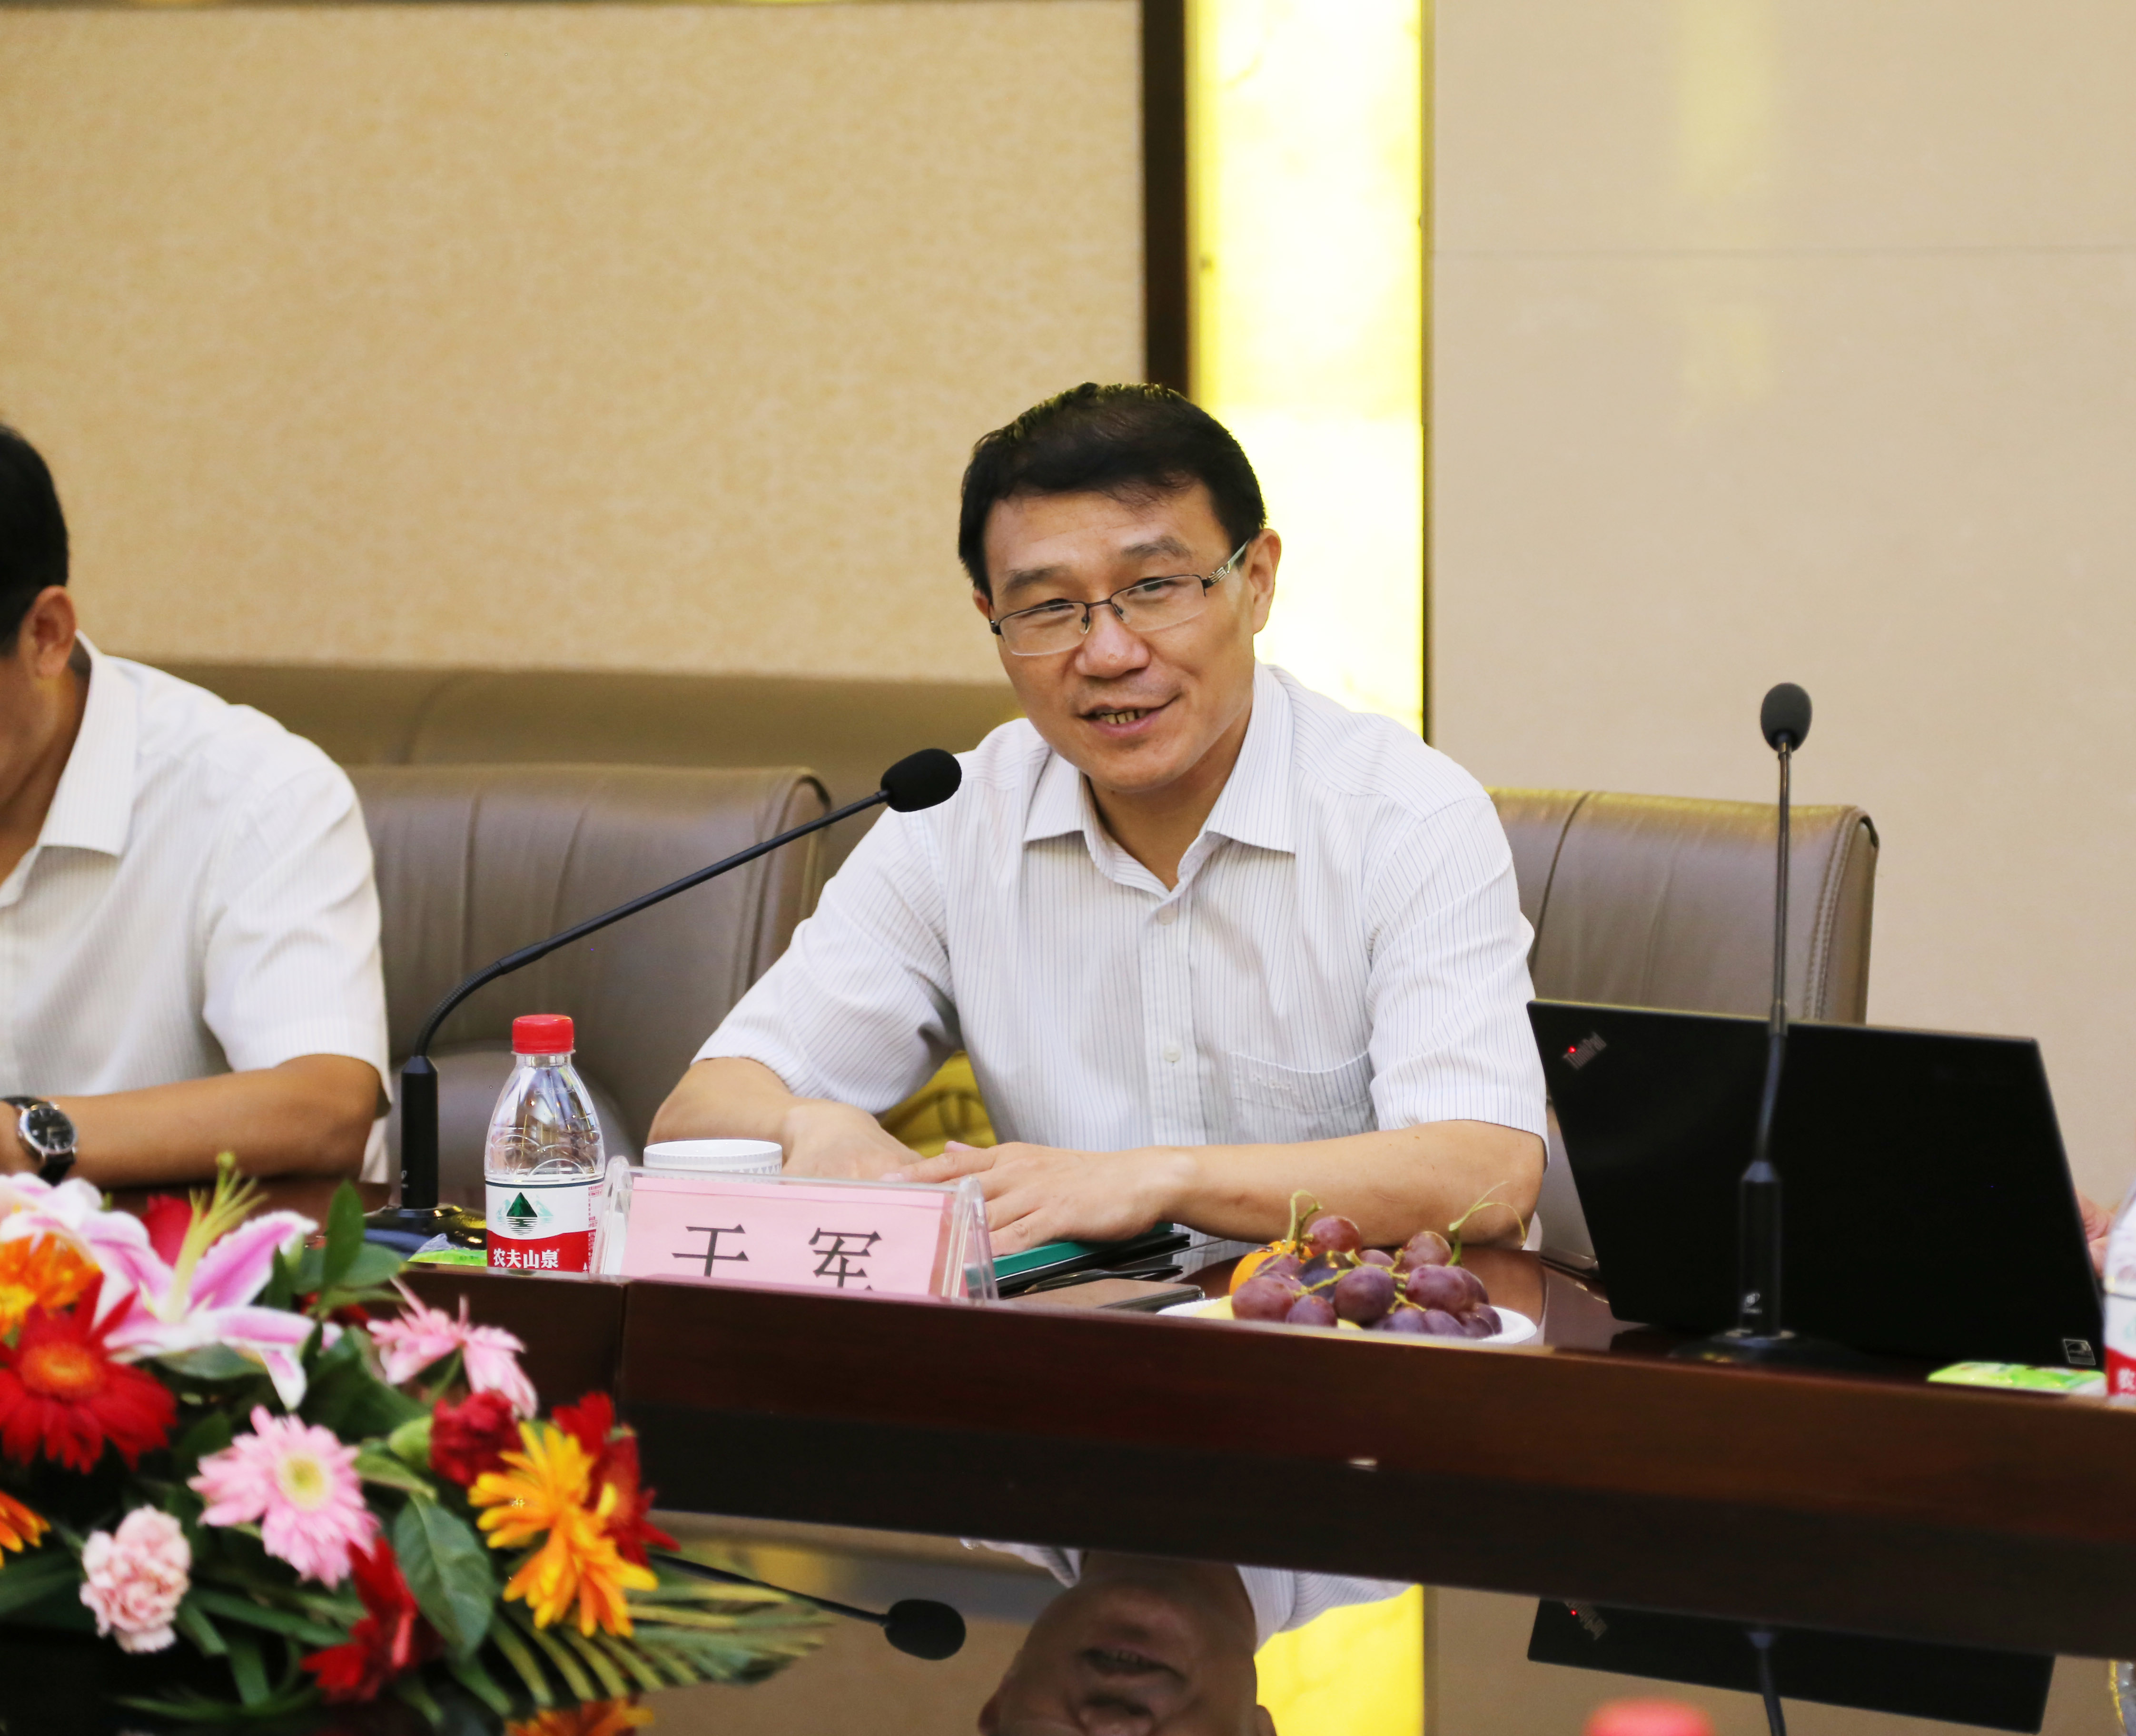 江河主编《建筑用通风百叶窗技术要求》国家标准第二次会议在京成功召开